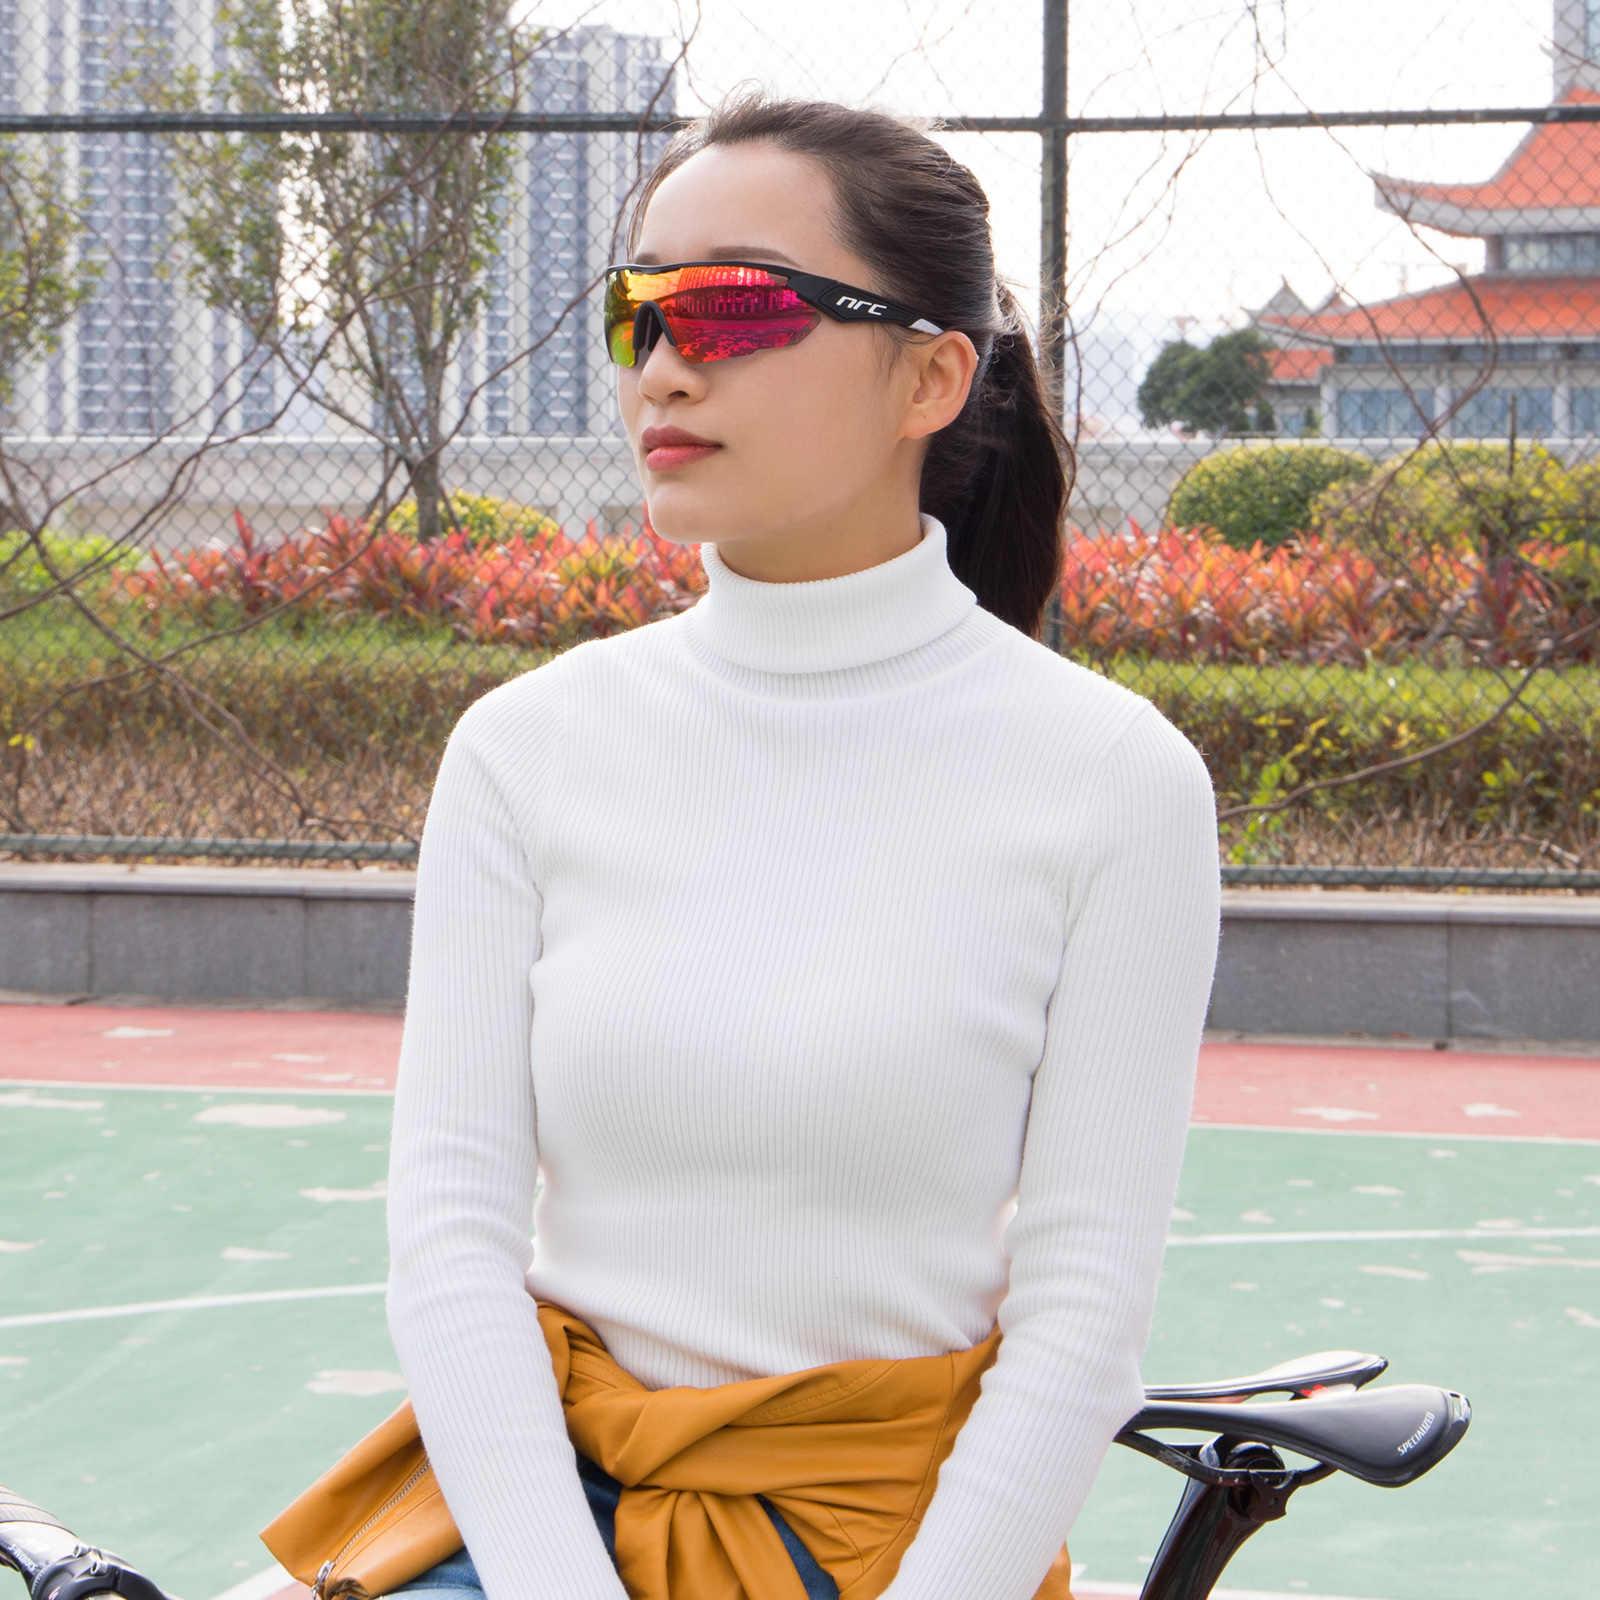 Бренд СРН на открытом воздухе спортивные велосипедные очки Горный велосипед Велоспорт очки UV400 фотохромные Для мужчин солнцезащитные очки для езды на велосипеде, очки унисекс